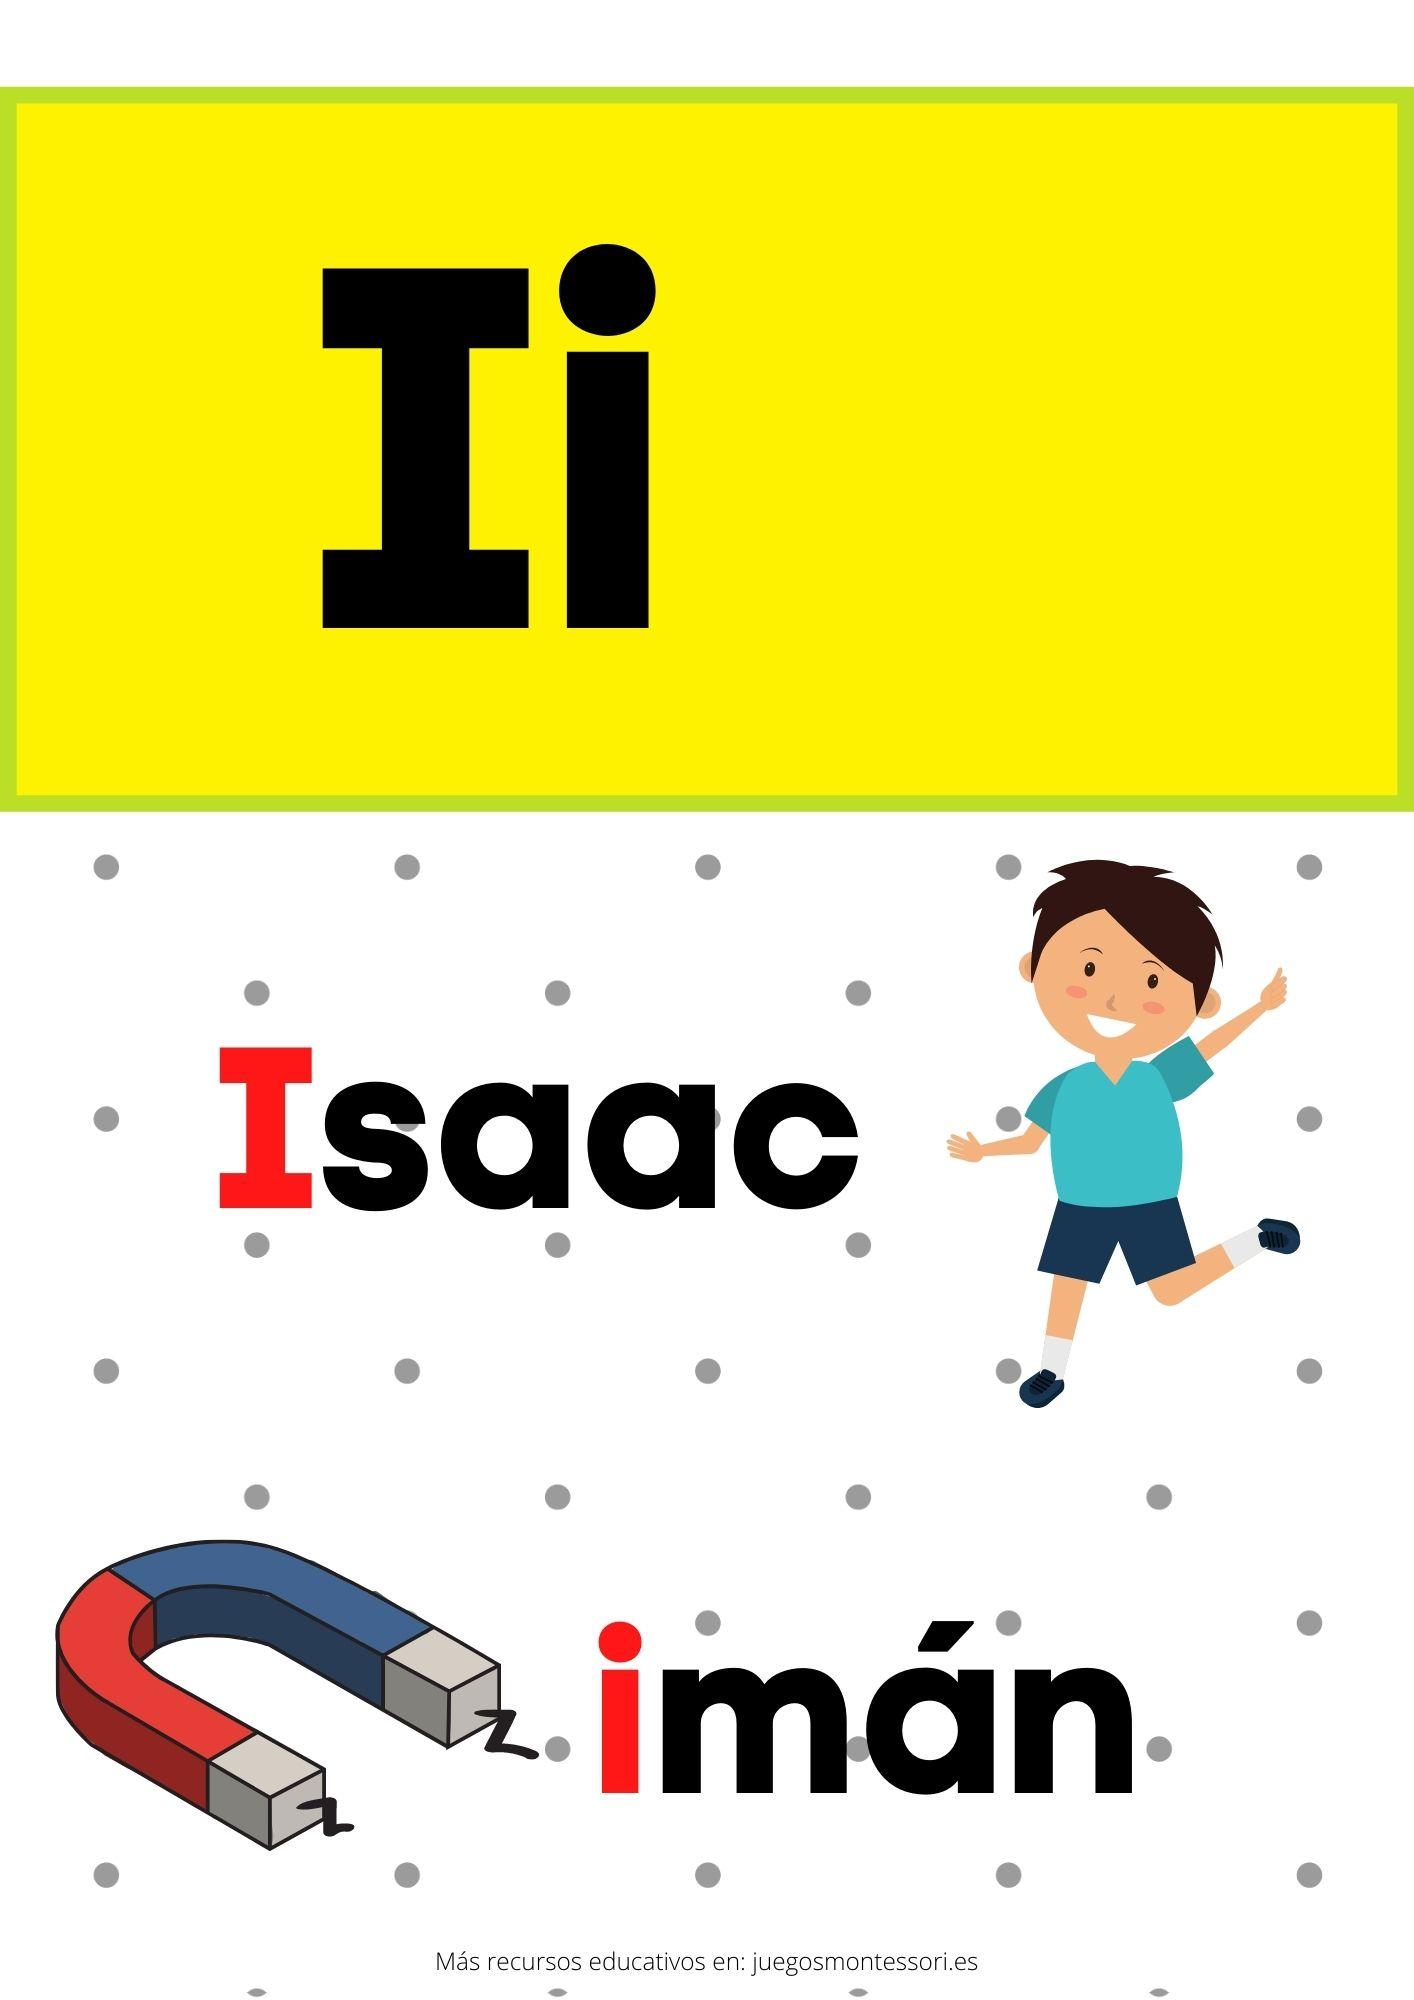 I abecedario letras separadas y grandes